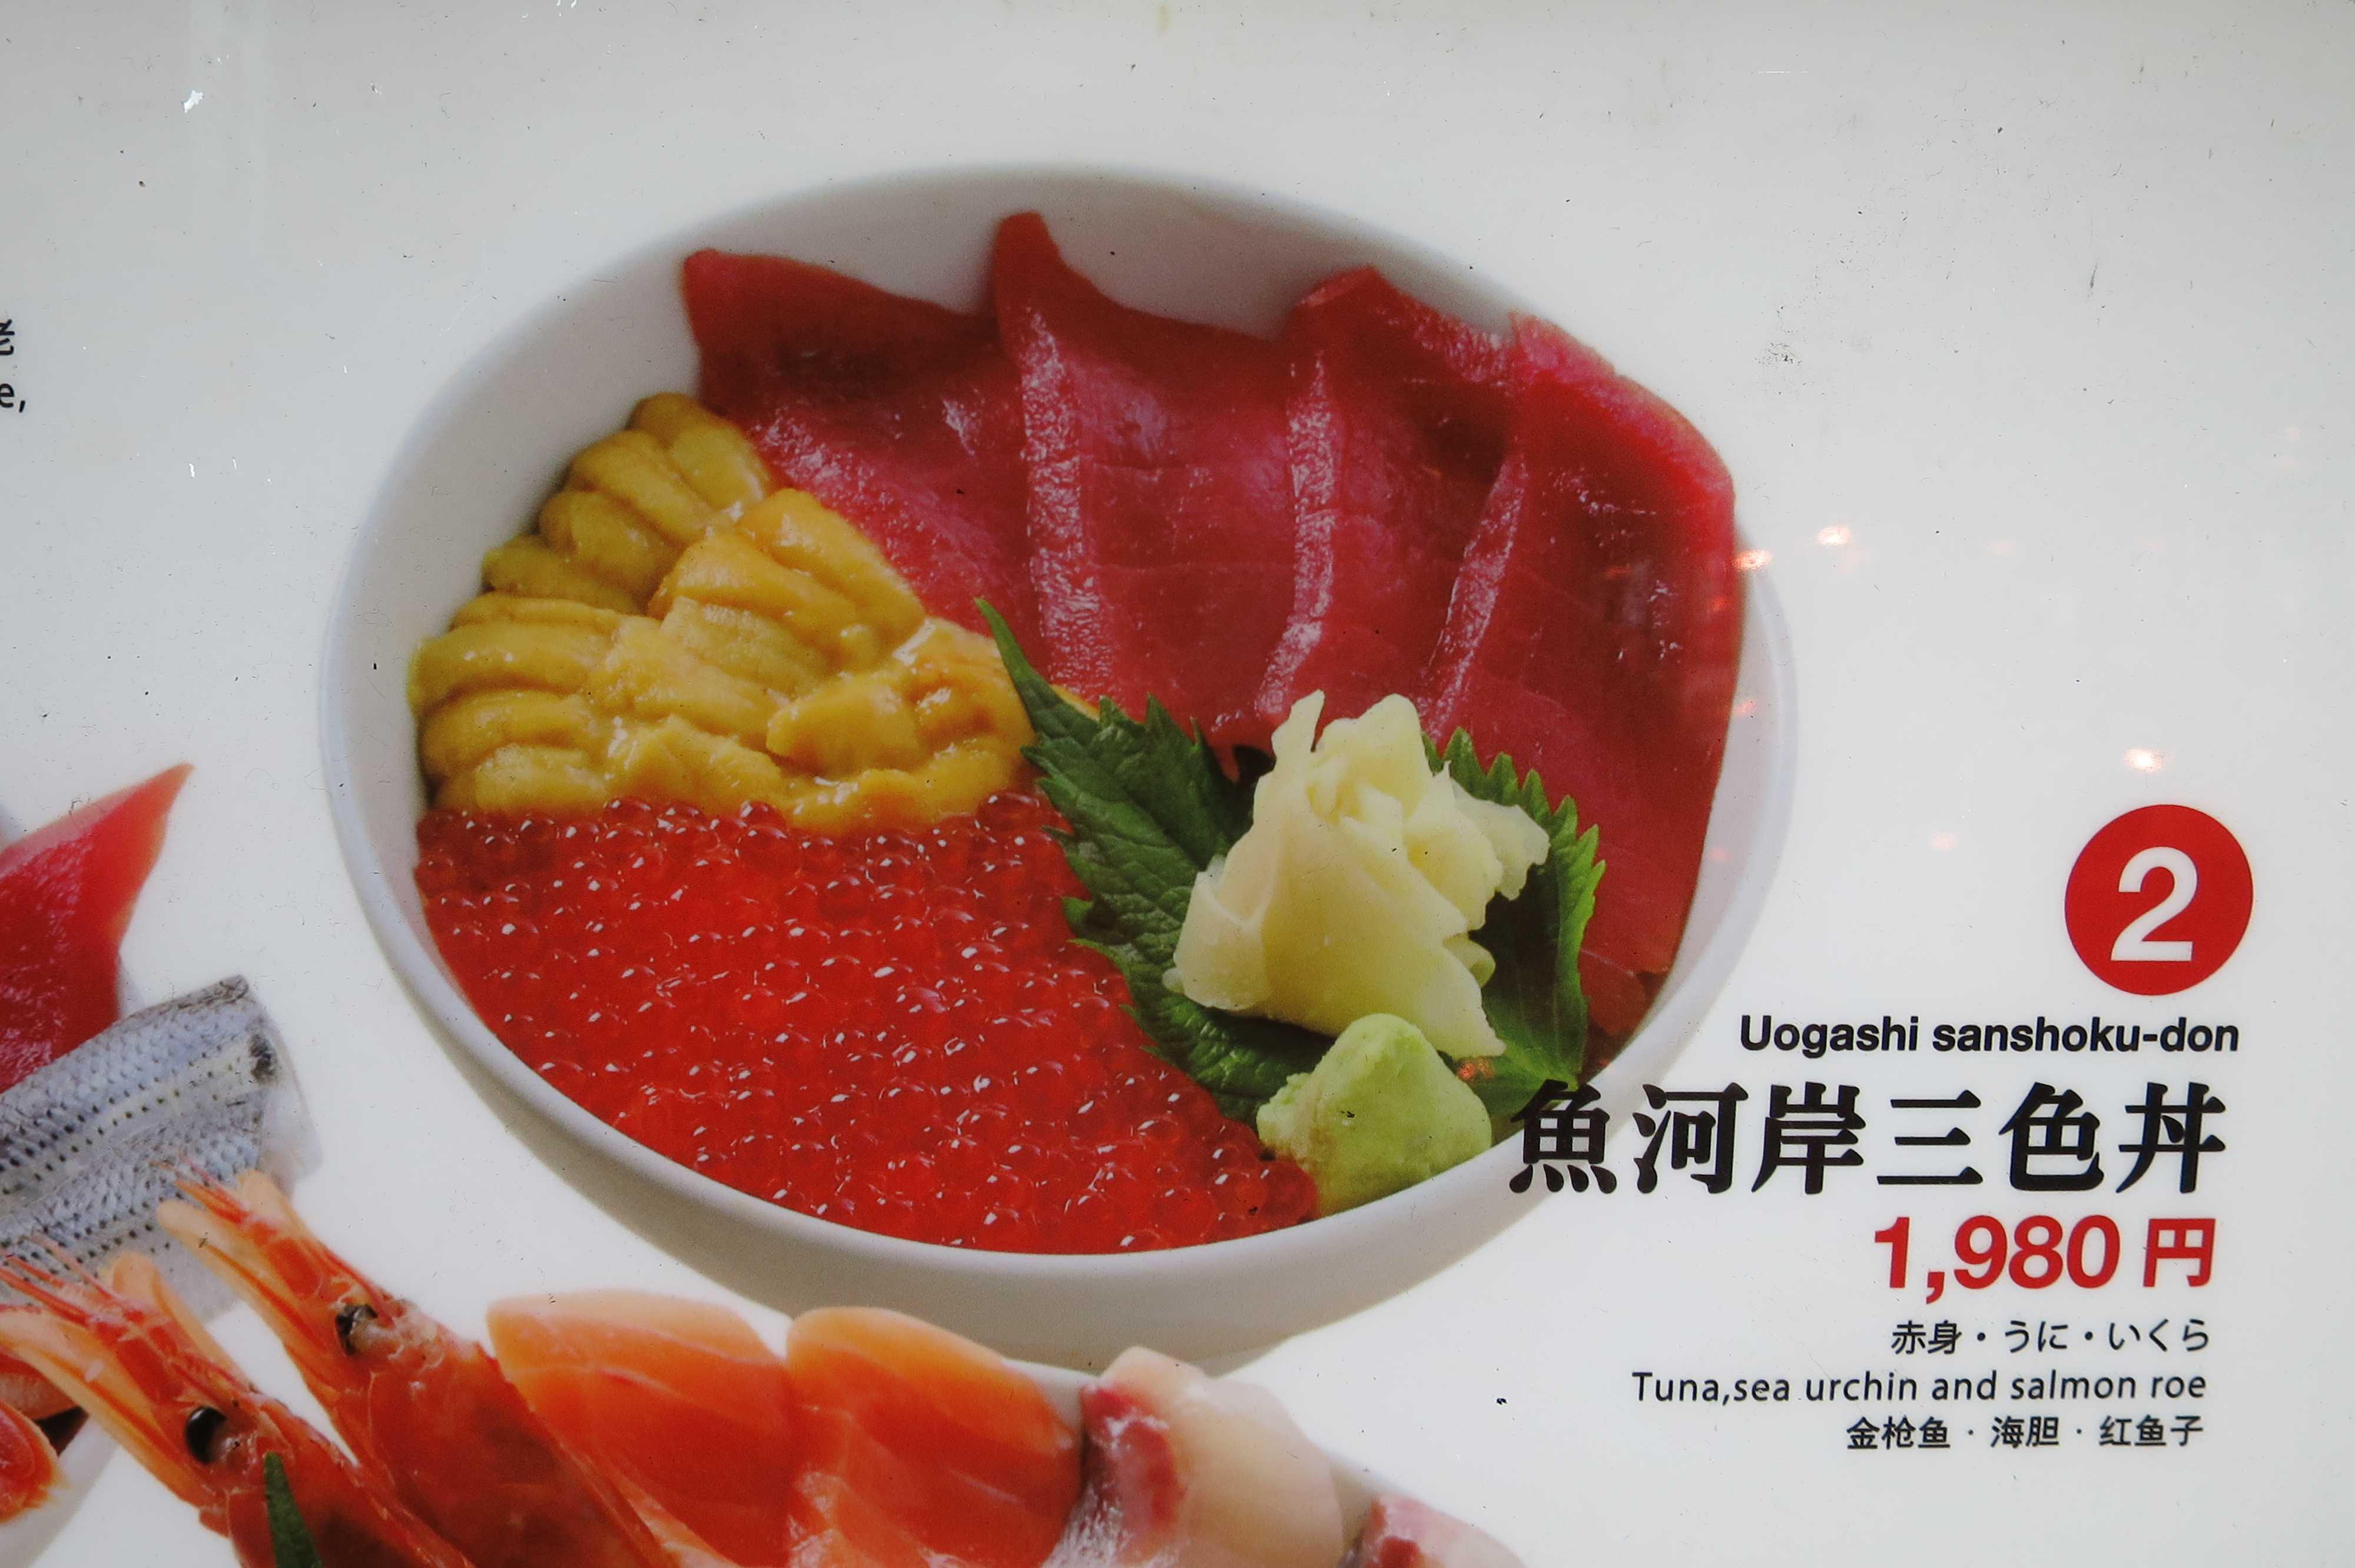 築地場外市場 - 魚河岸三色丼(赤身・うに・いくら)